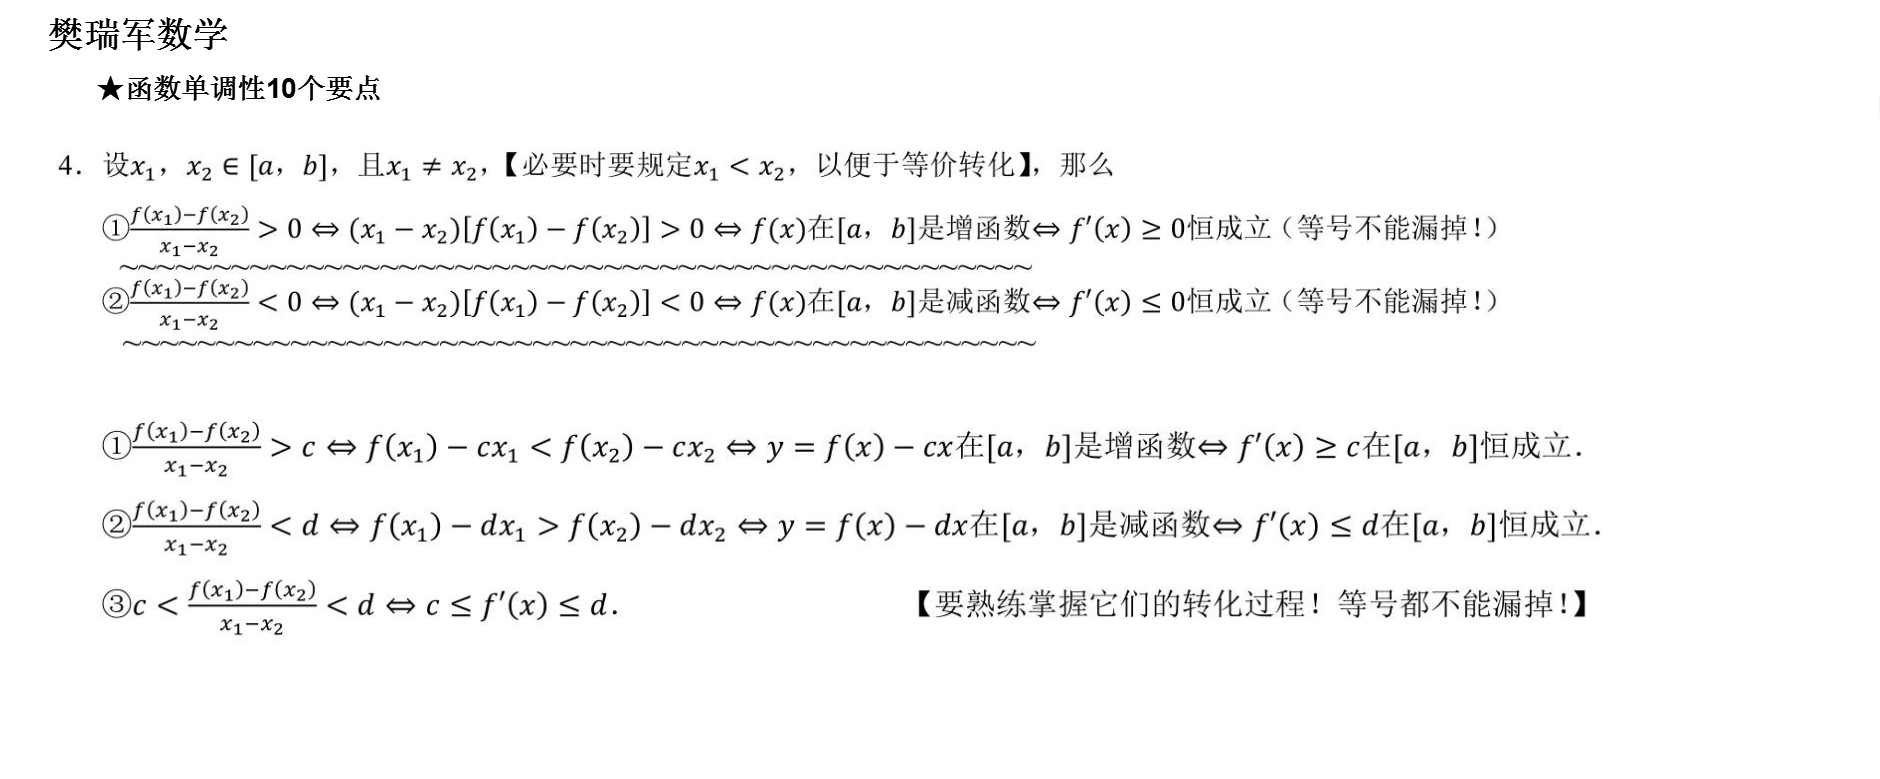 高考数学奈何快速提分专家分享五大必需打破的硬门槛(责编保举:数学向导jxfudao.com/xuesheng)